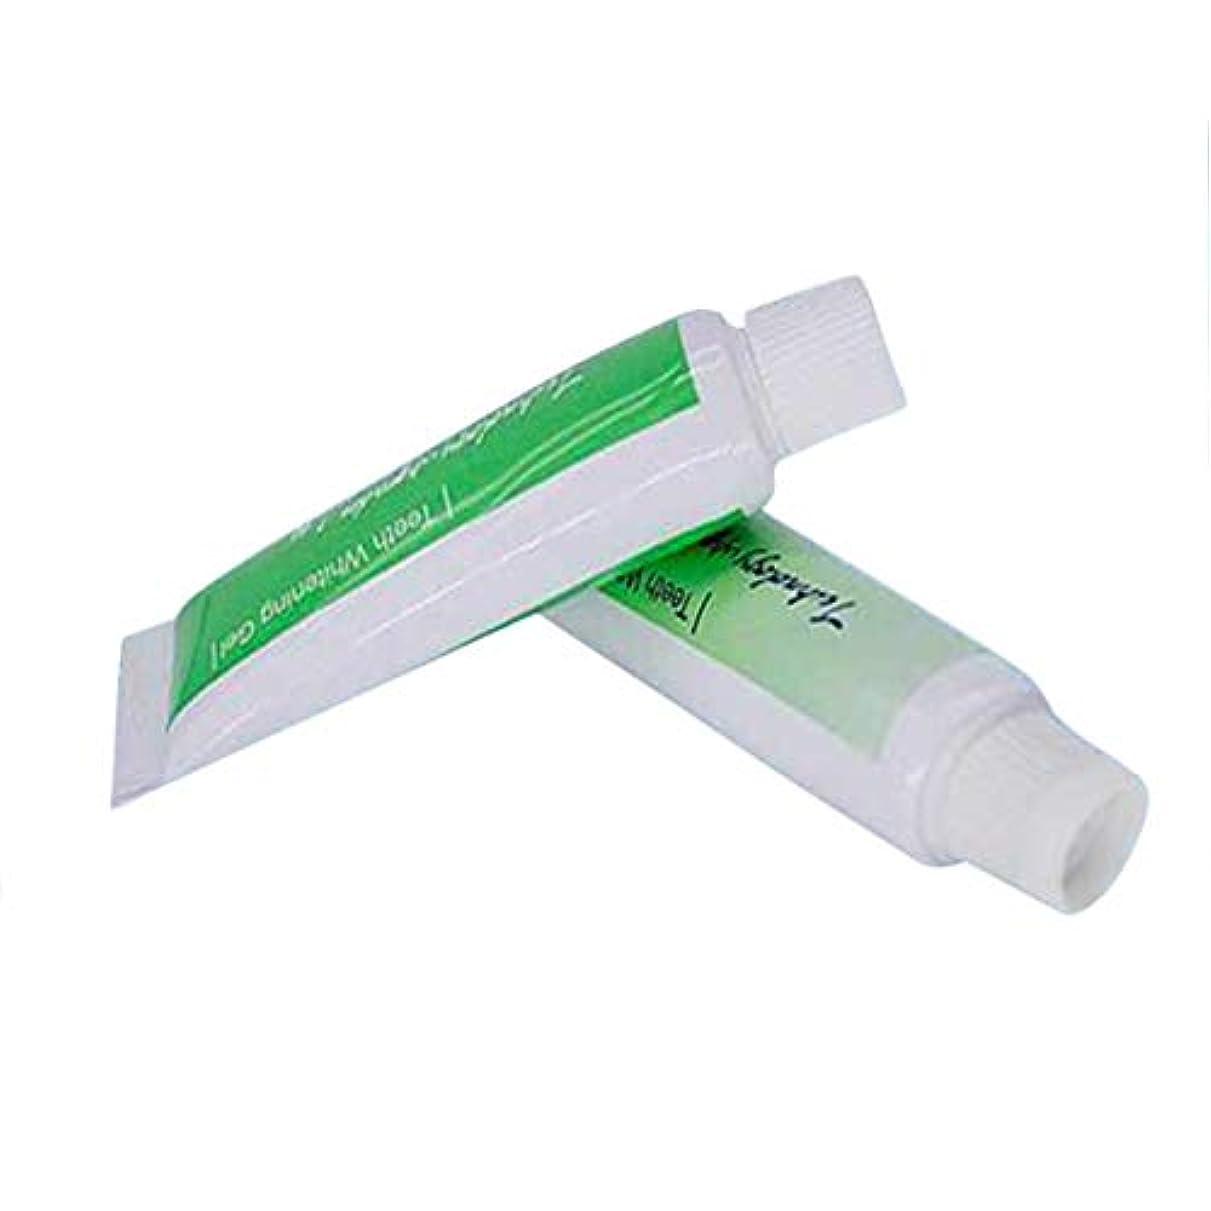 食欲ブル眠りCytheria ホワイトニング 歯を白くする 歯 美白 自動式 U型 電池付き 専用ジェル 大人気